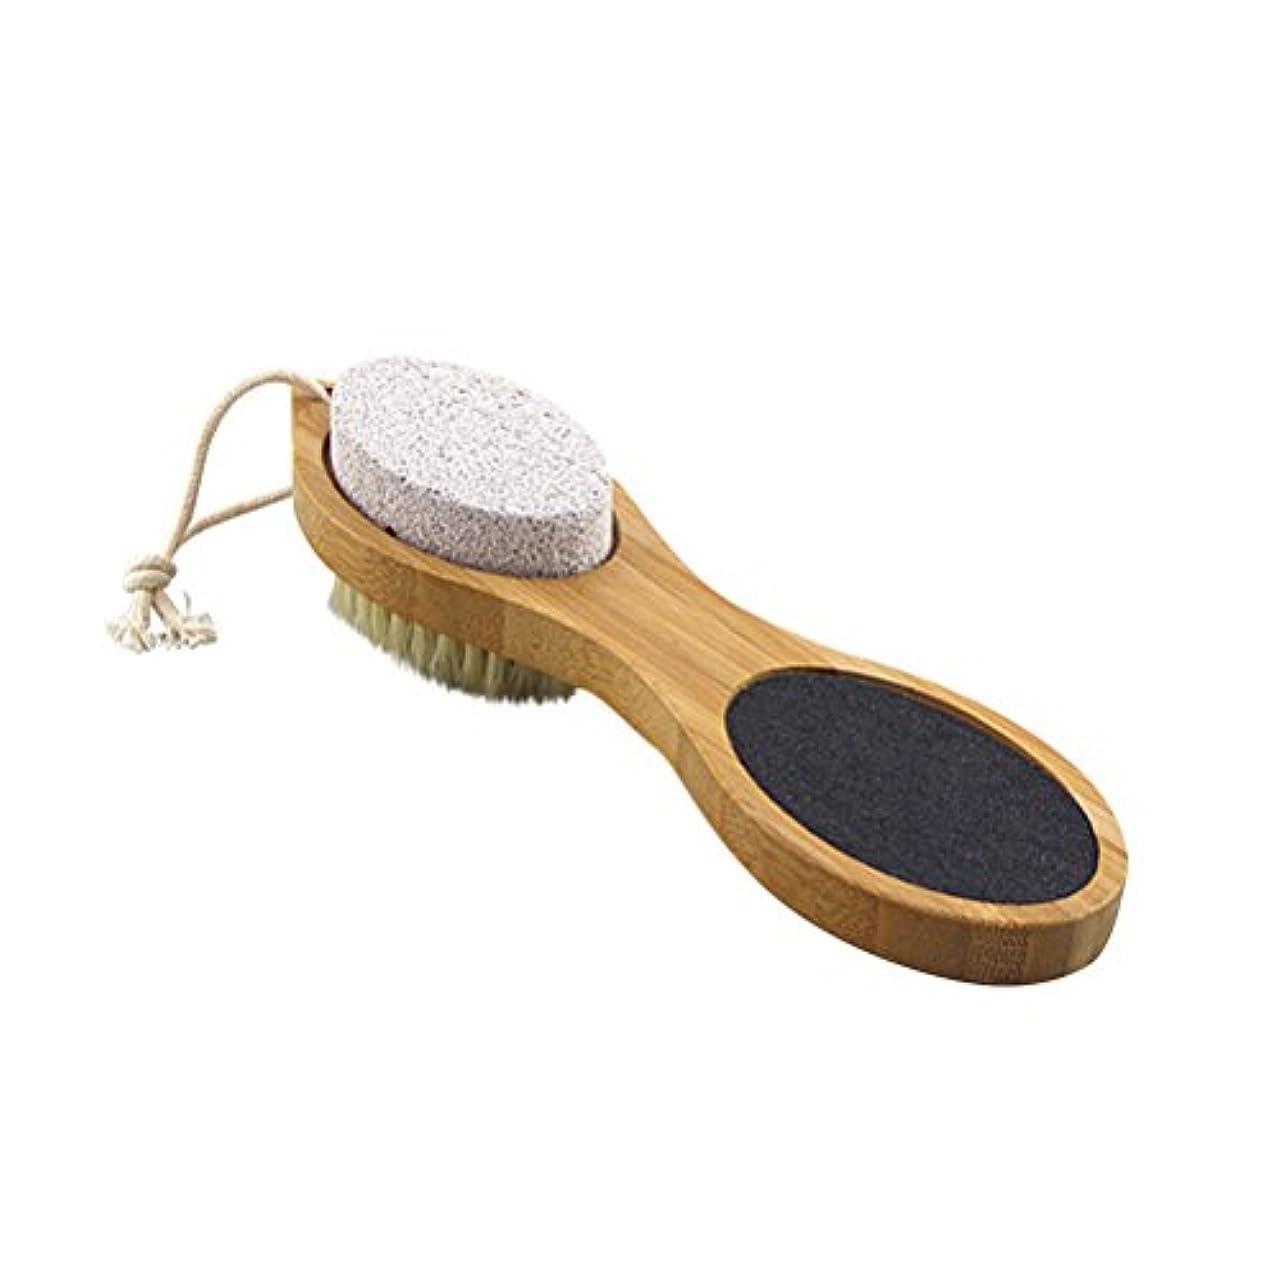 どれでもテレマコス十分ではないULTNICE 足ブラシ 角質除去 毛ブラシ?砂ブラシ?軽石ブラシ?鋼ブラシ ボディブラシ フットマッサージ